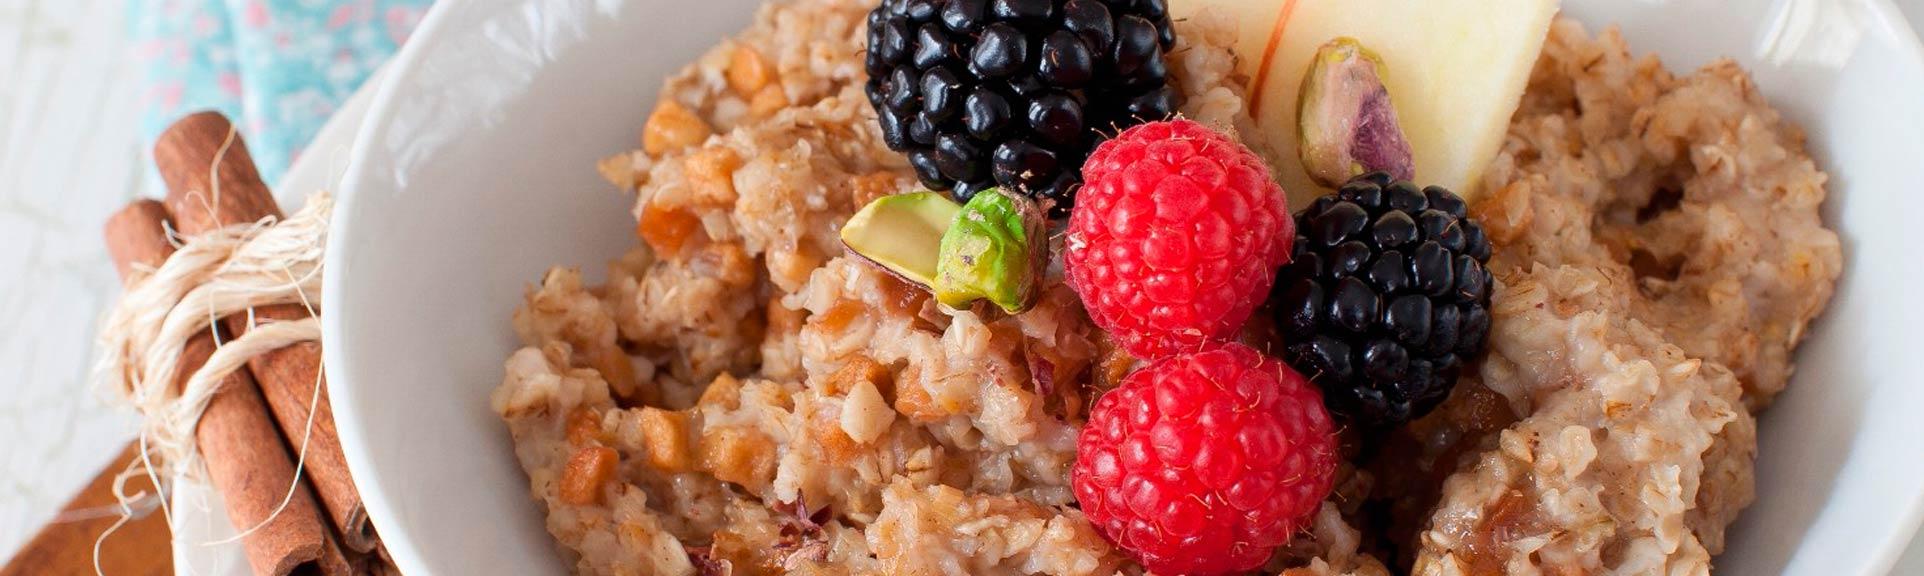 Headerabbildung zum Rezept Porridge mit Äpfeln und Beeren.